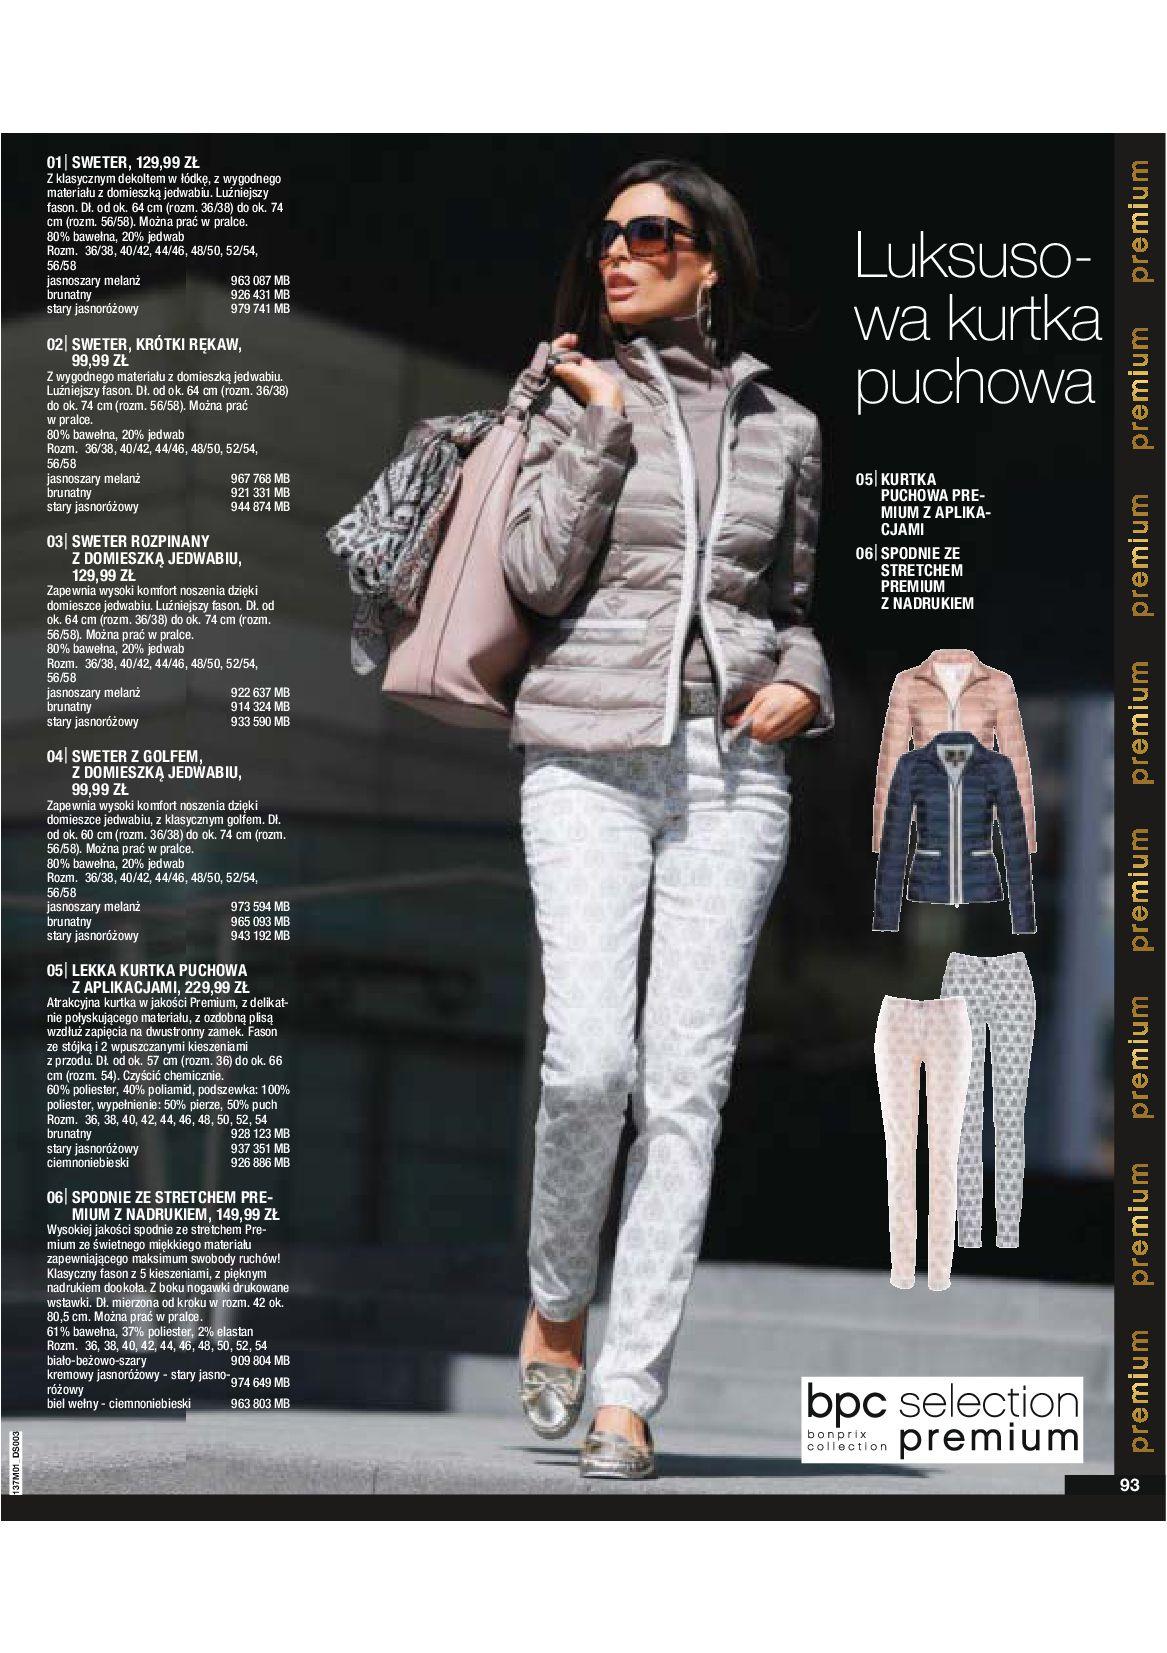 Gazetka Bonprix - Radosne i intensywne kolory na nowy sezon-31.12.2017-31.05.2018-page-95